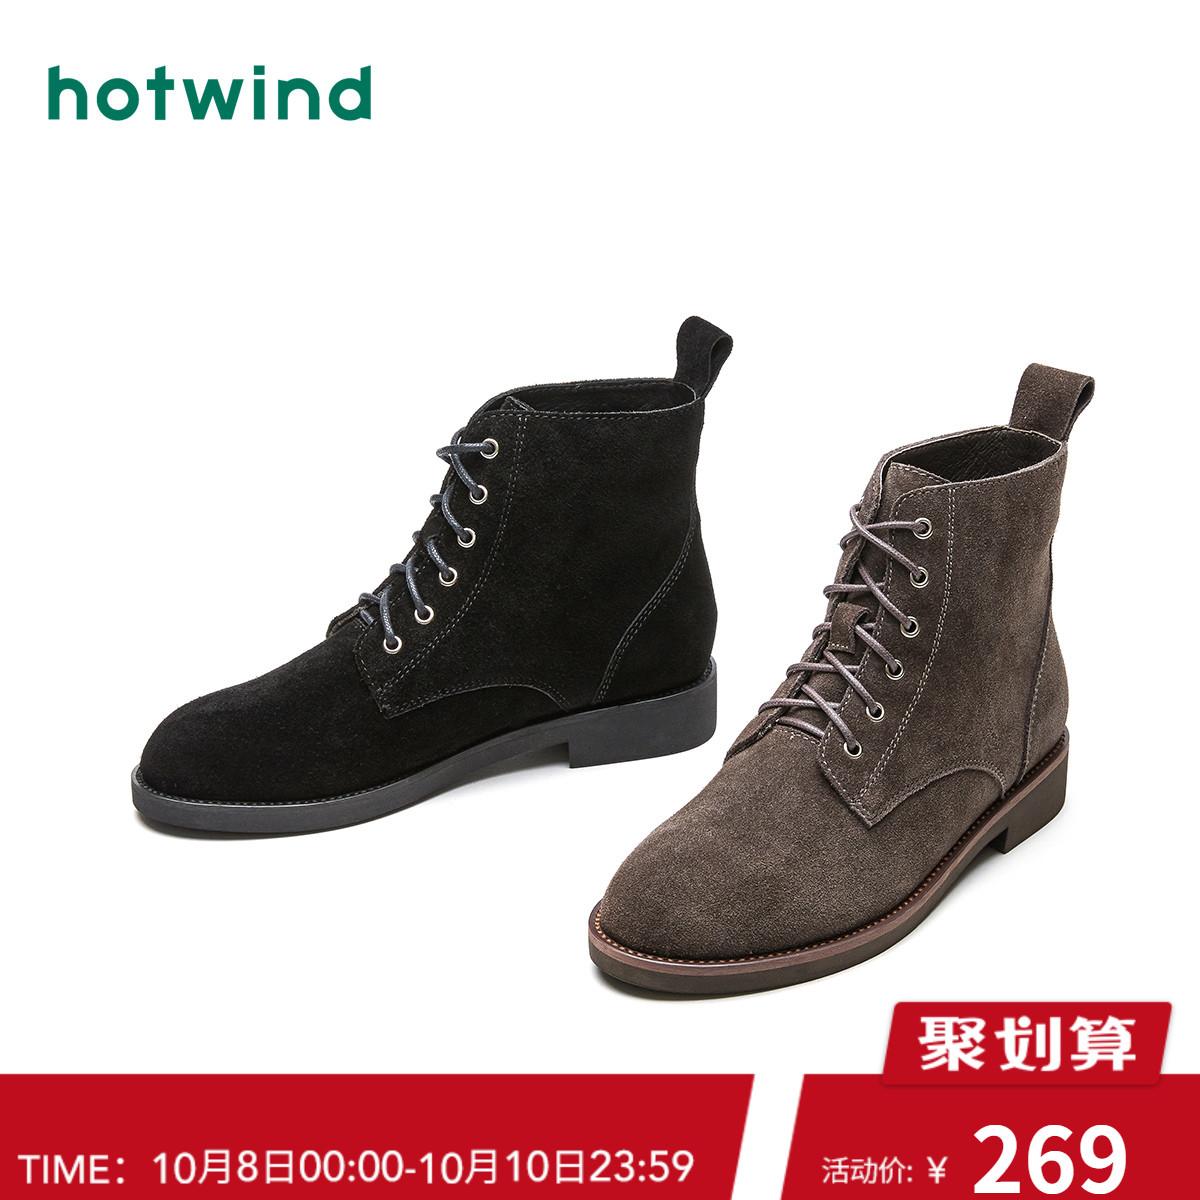 热风2018年冬季新款潮流时尚女士系带休闲圆头马丁靴H81W8812